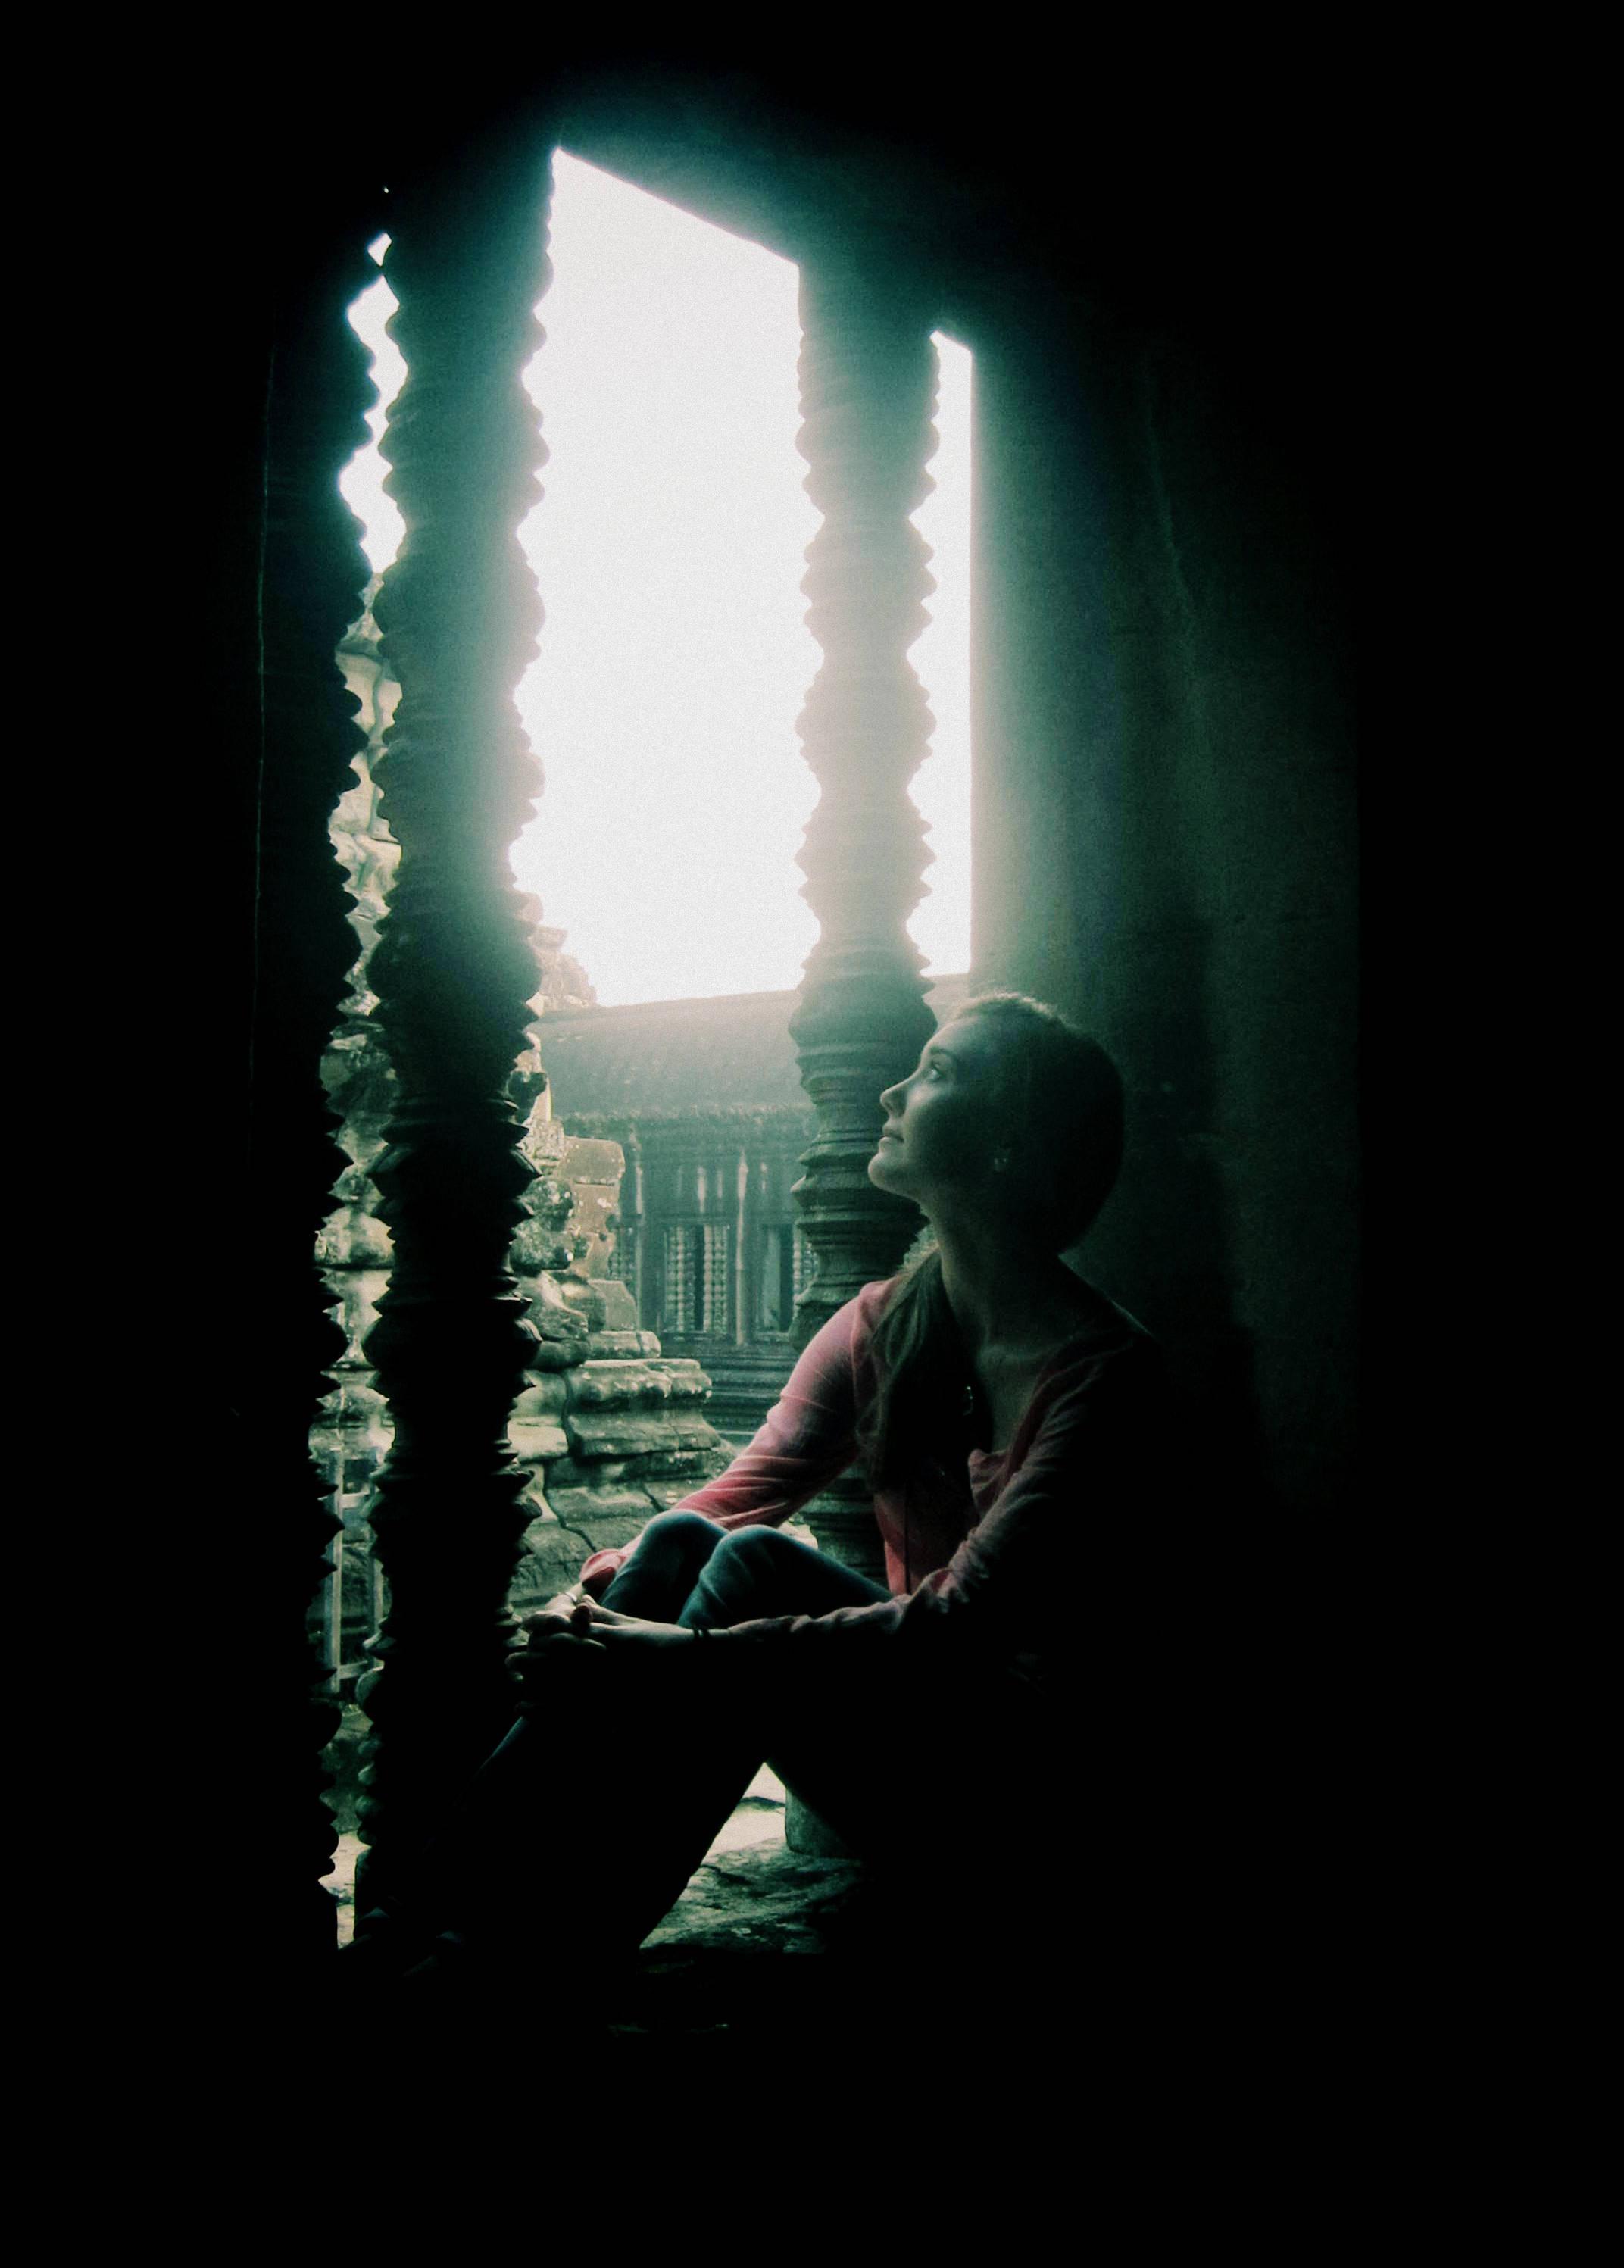 In Angkor Wat, Cambodia